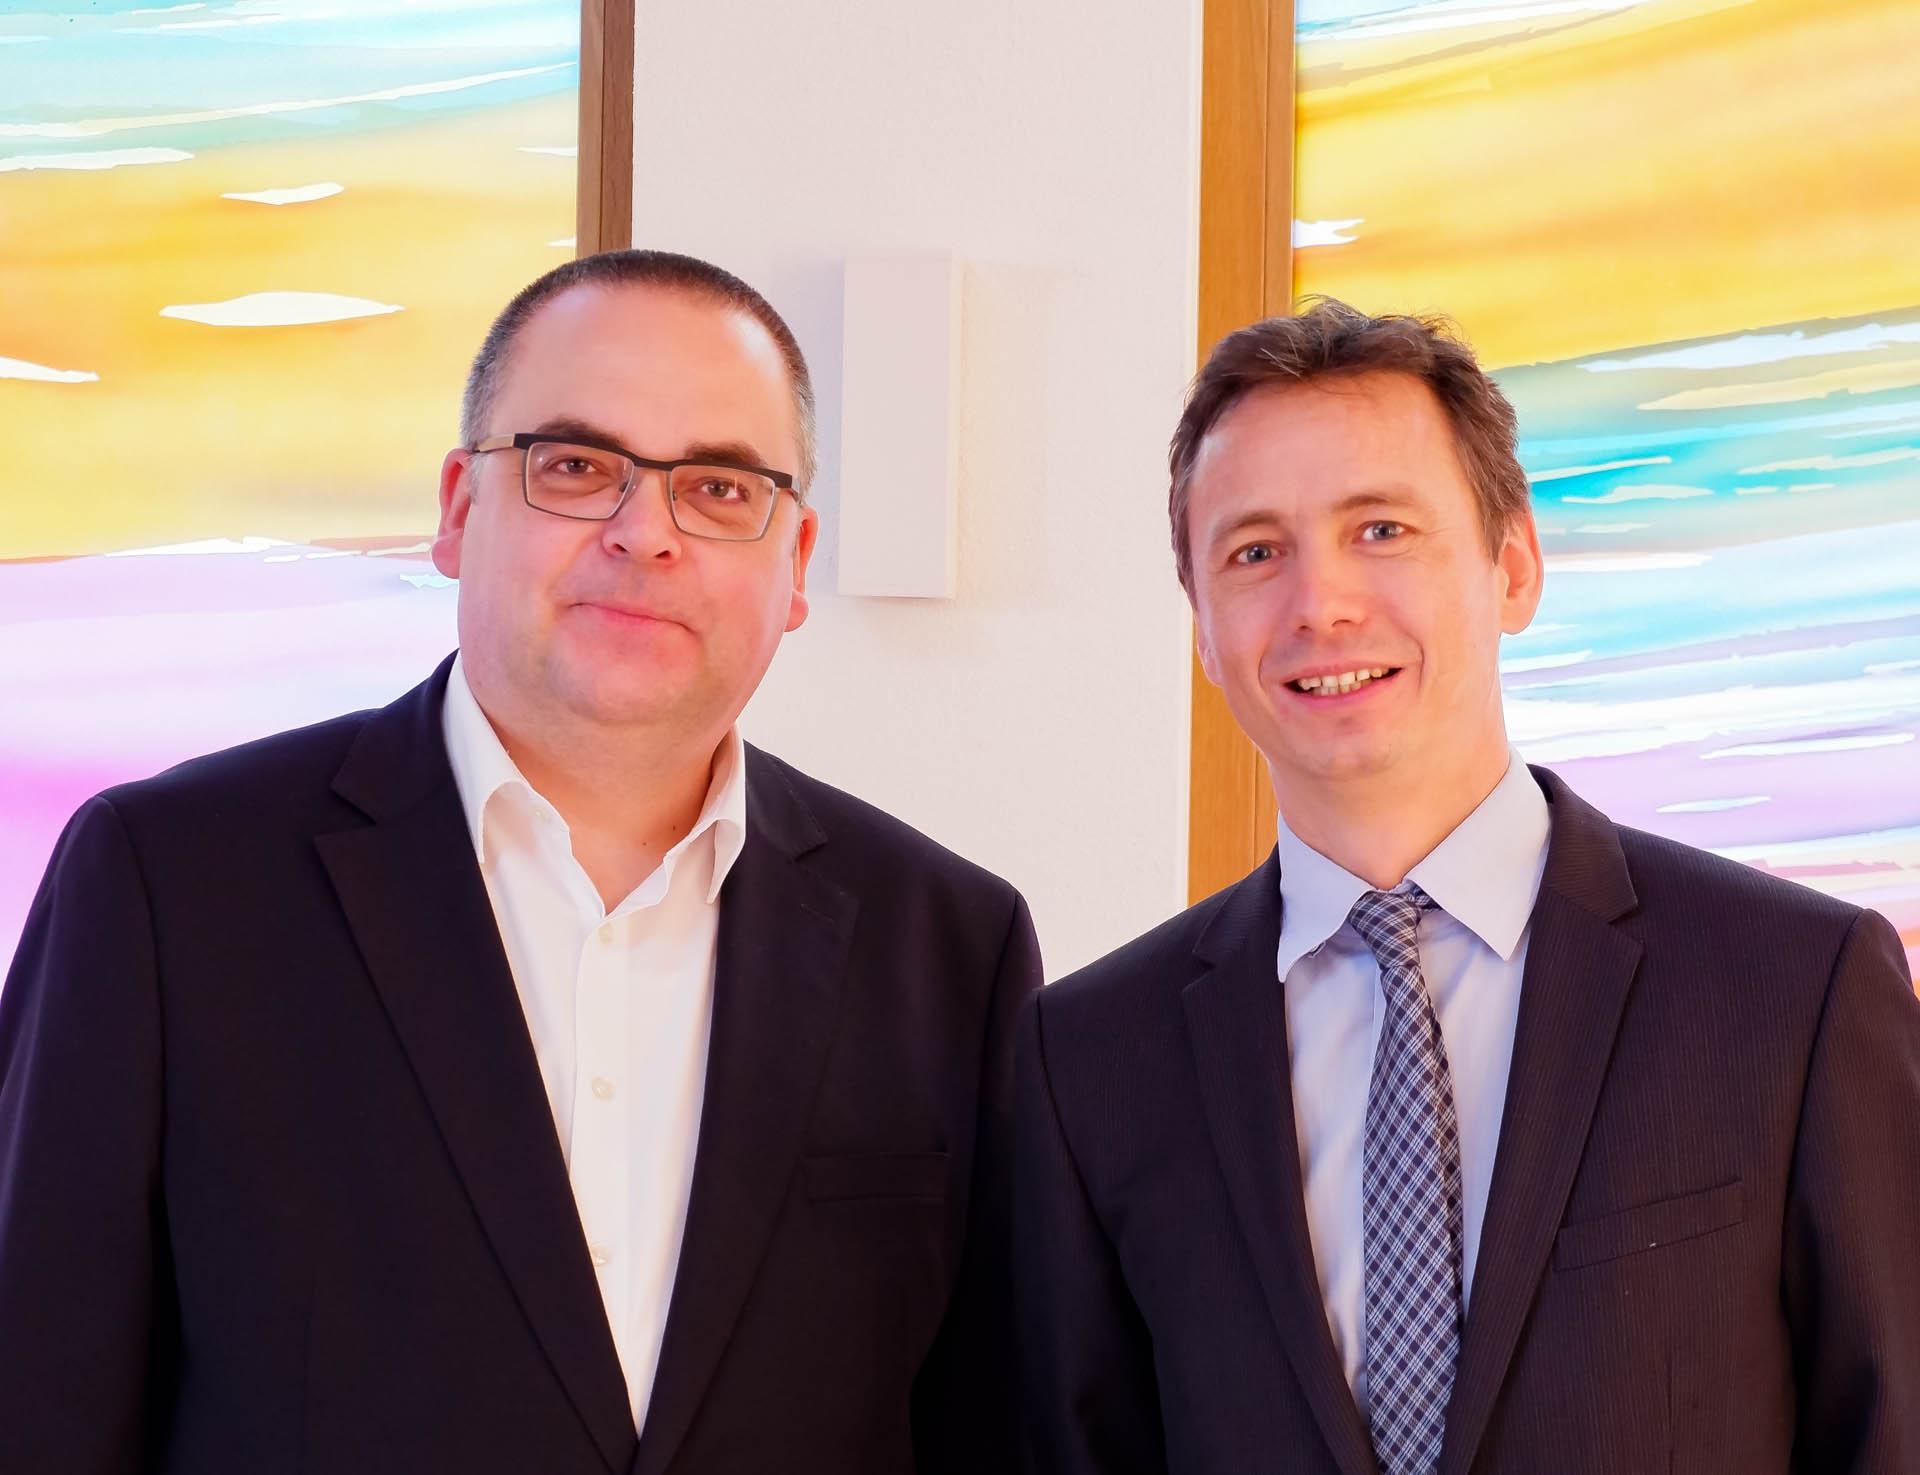 Vorstand Carsten Jacknau (l.) und kaufm. Direktor Daniel Schies (r.) leiten gemeinsam das Evangelische Stift Freiburg.